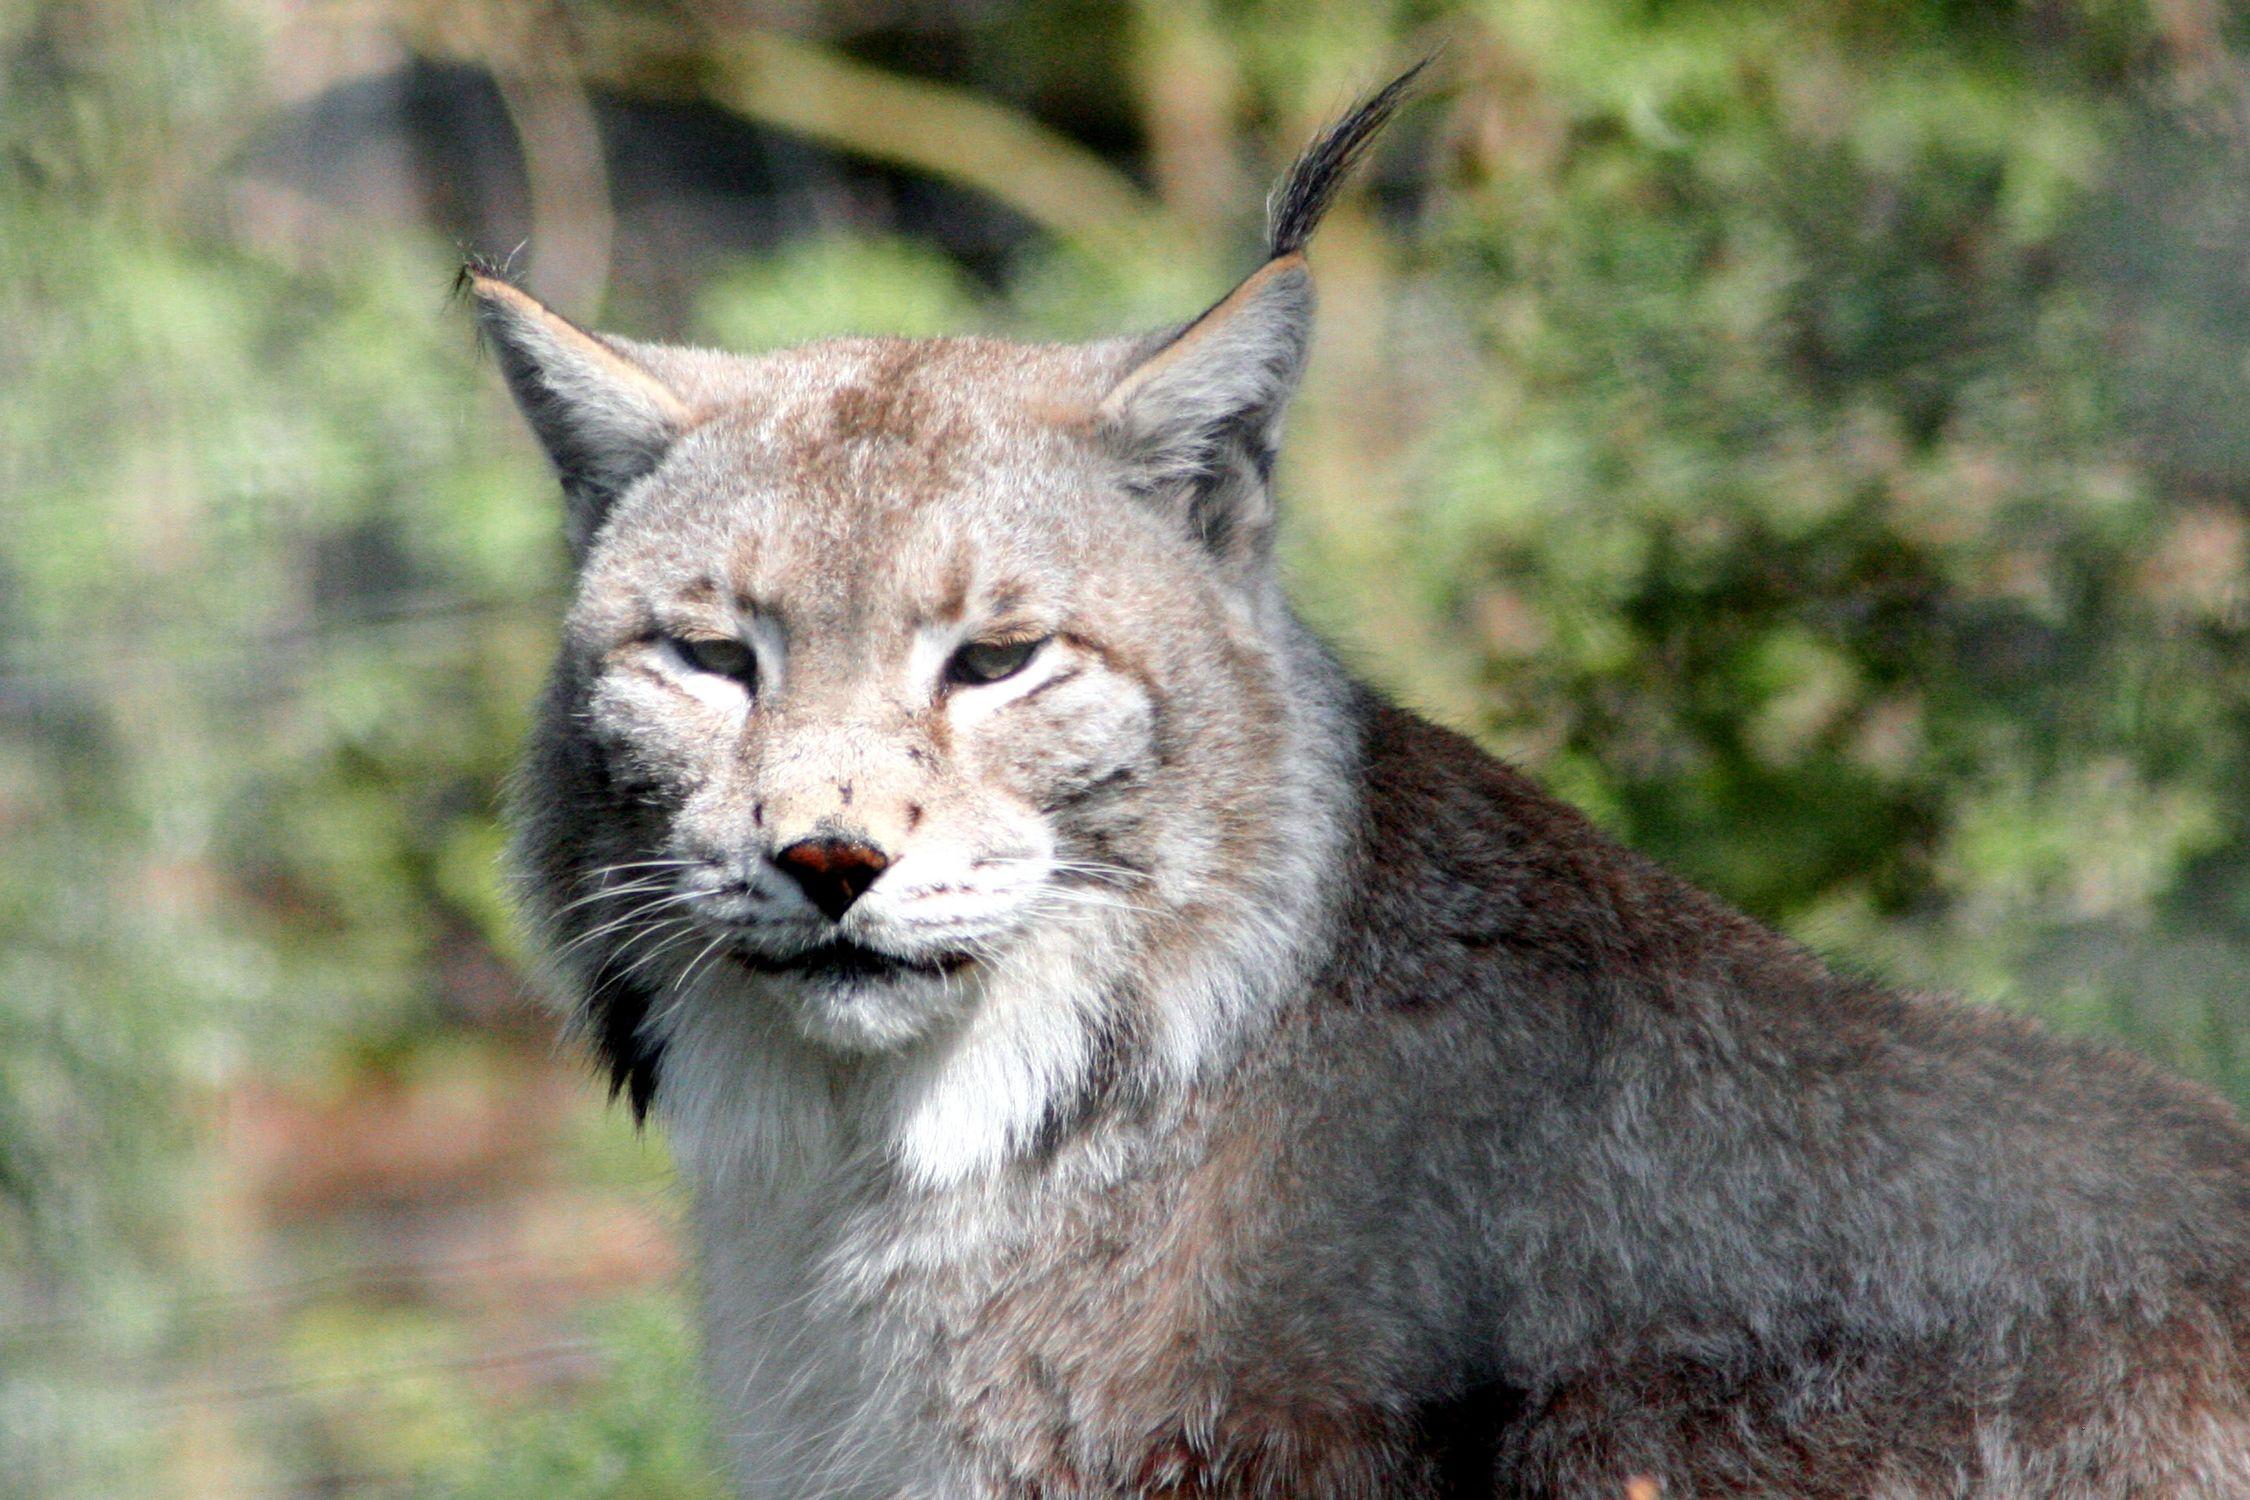 Bild mit Tiere, Säugetiere, Haustiere, Raubtiere, Katzenartige, Luchse, Katzen